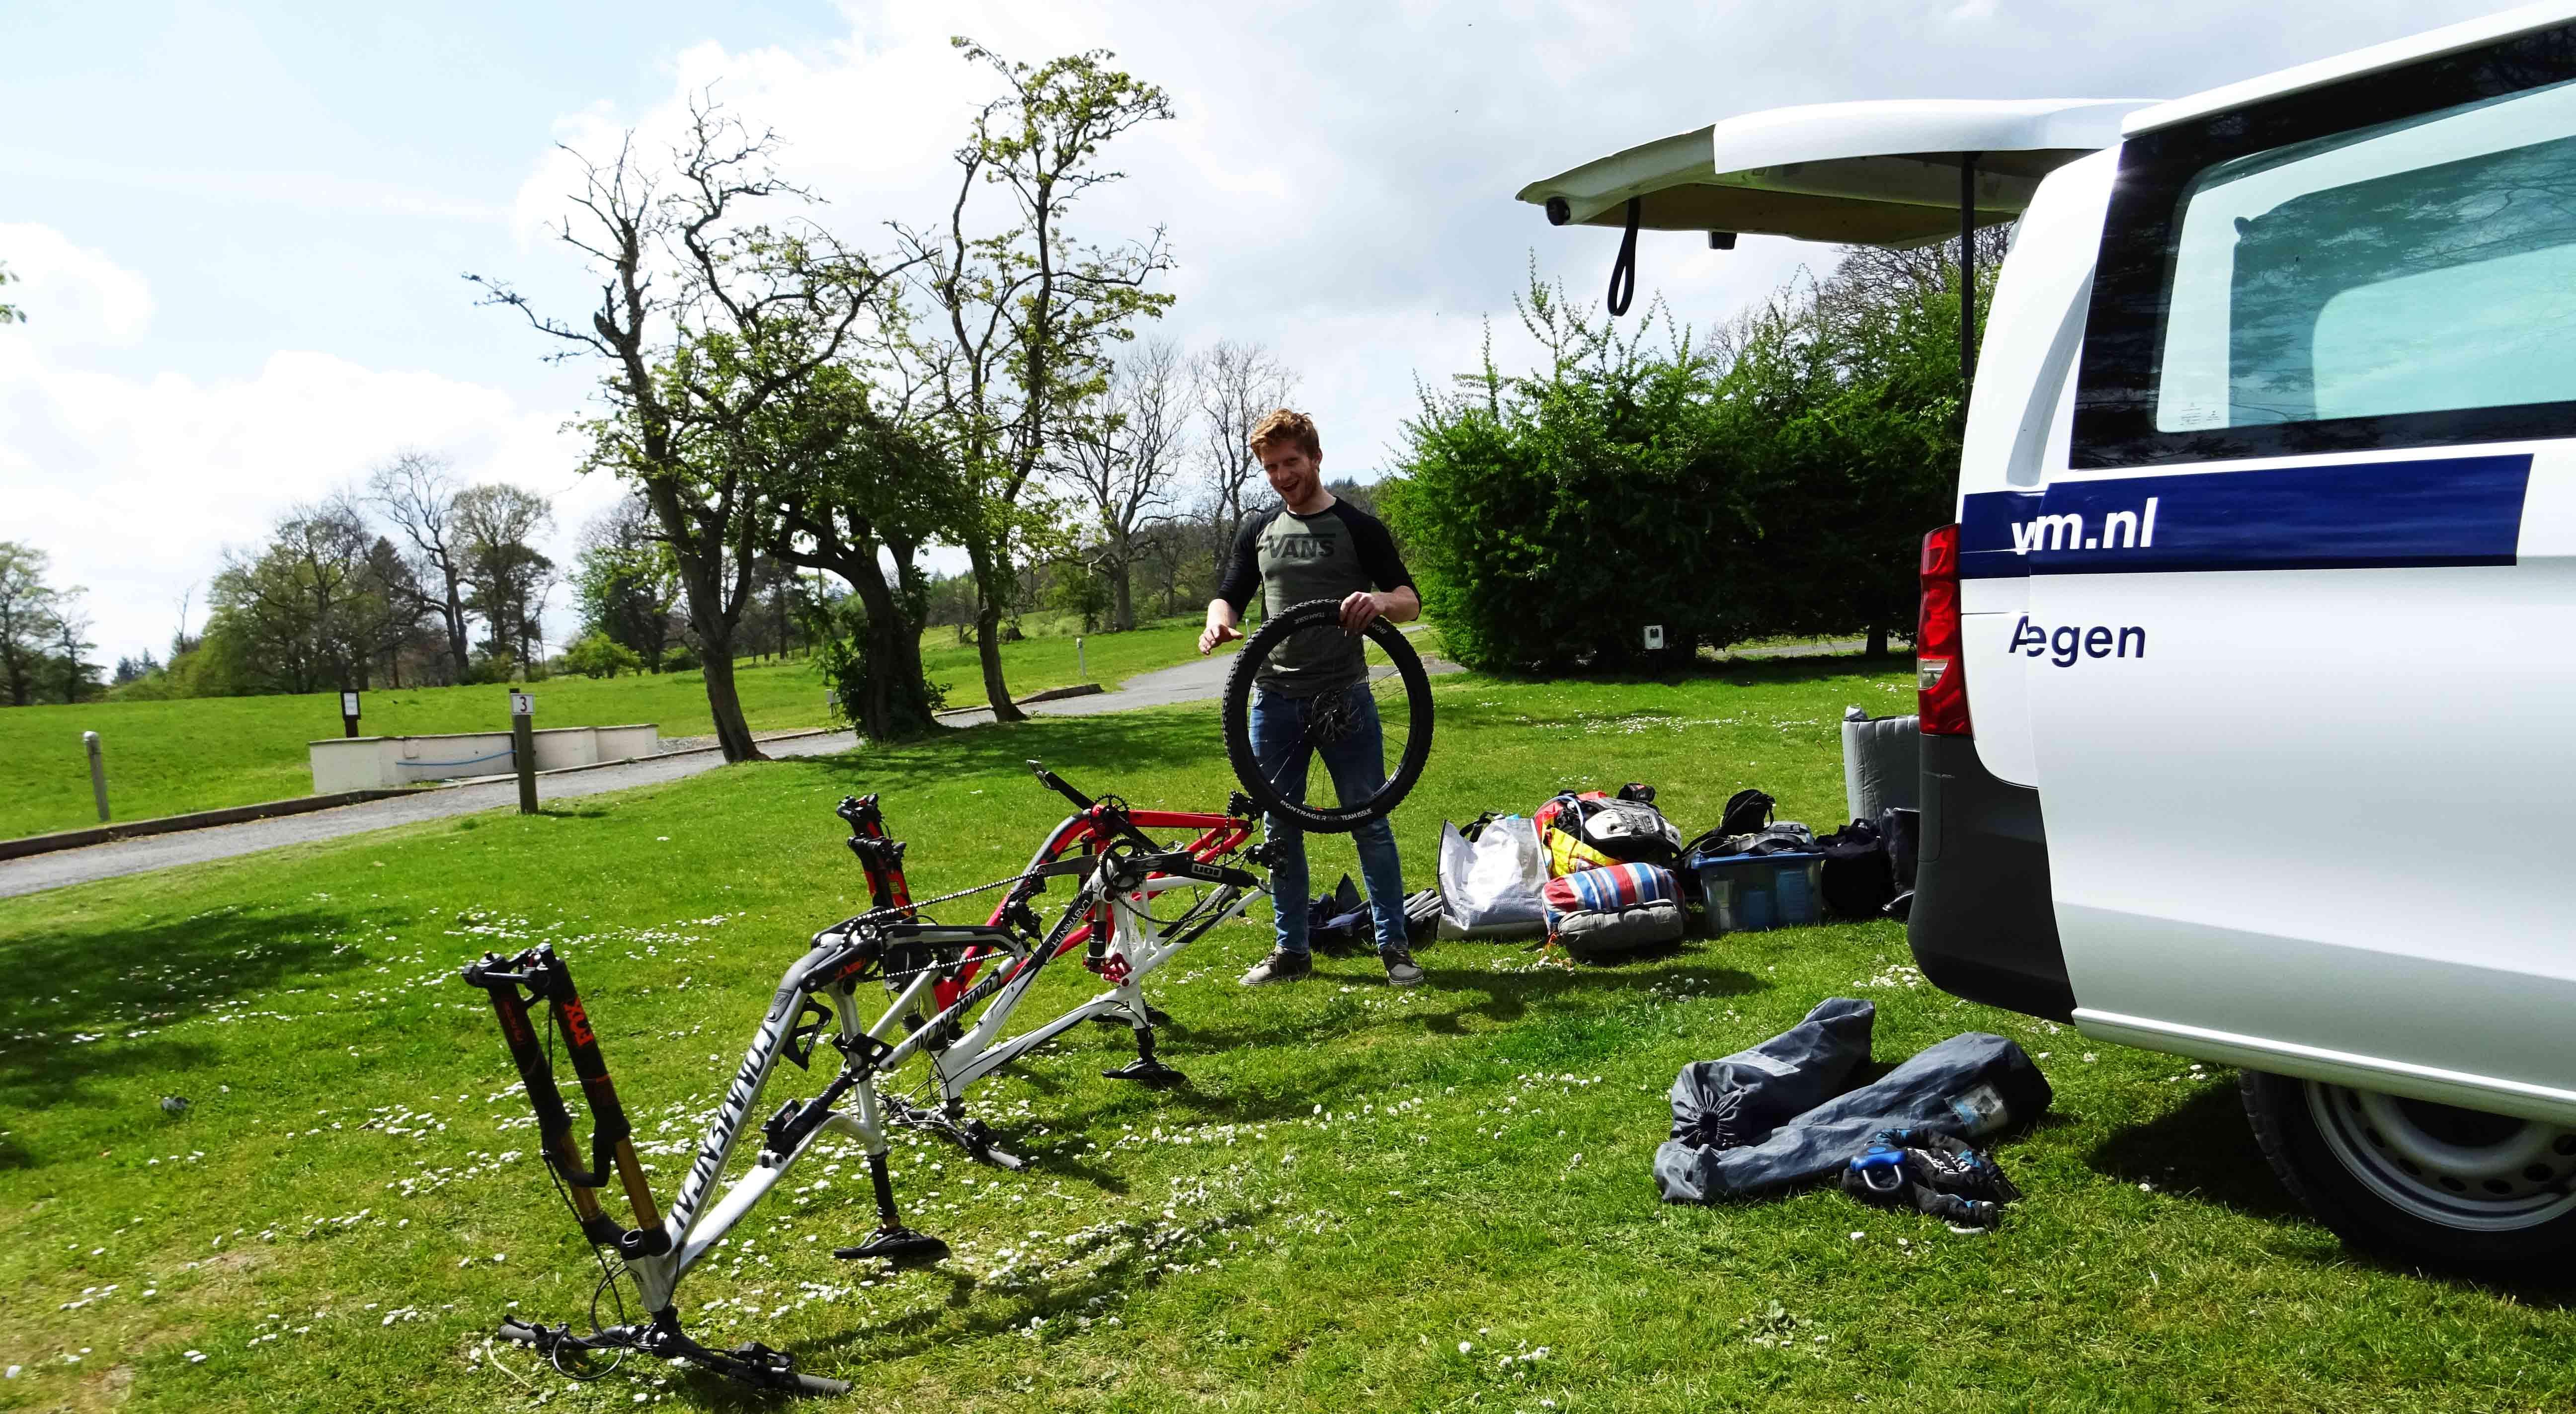 Hielke sleutelt de bikes in elkaar op de camping